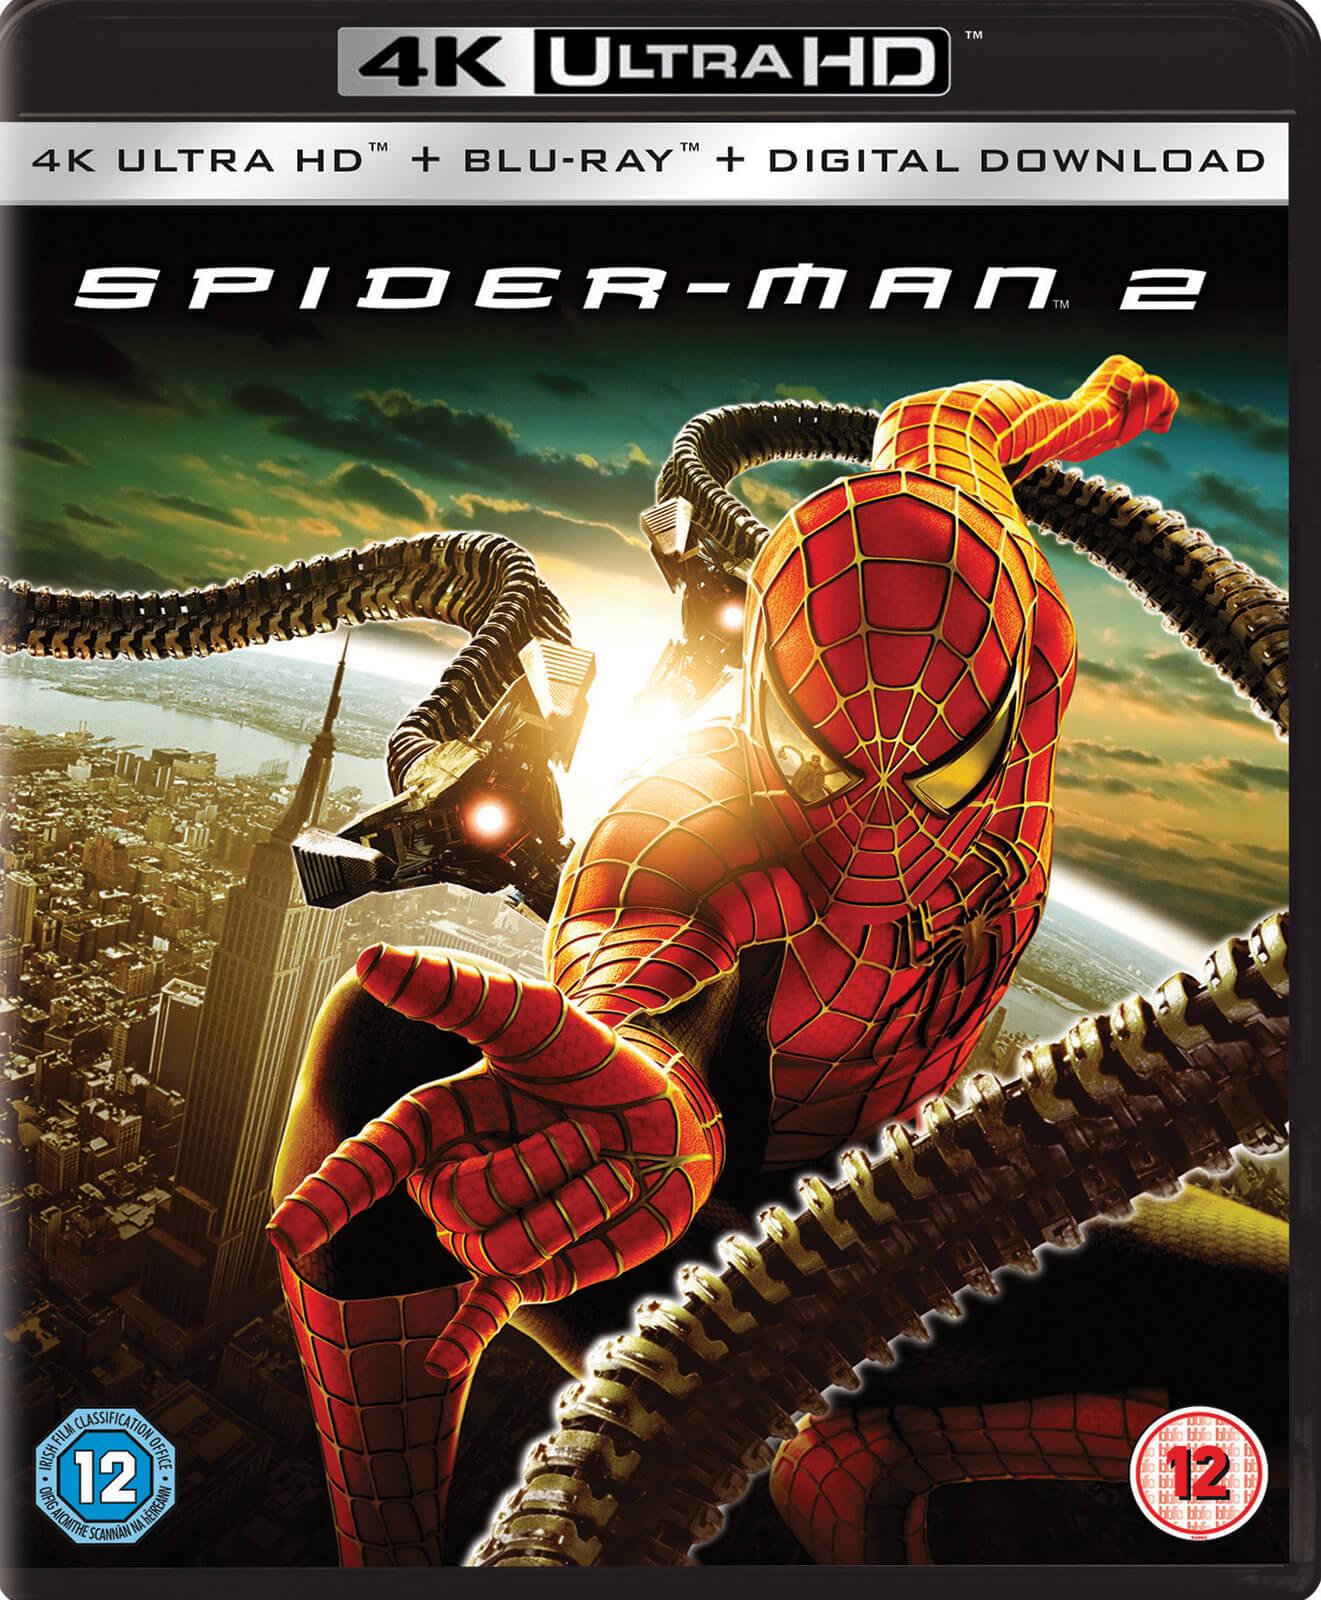 Bildergebnis für spiderman 2 2004 uhd